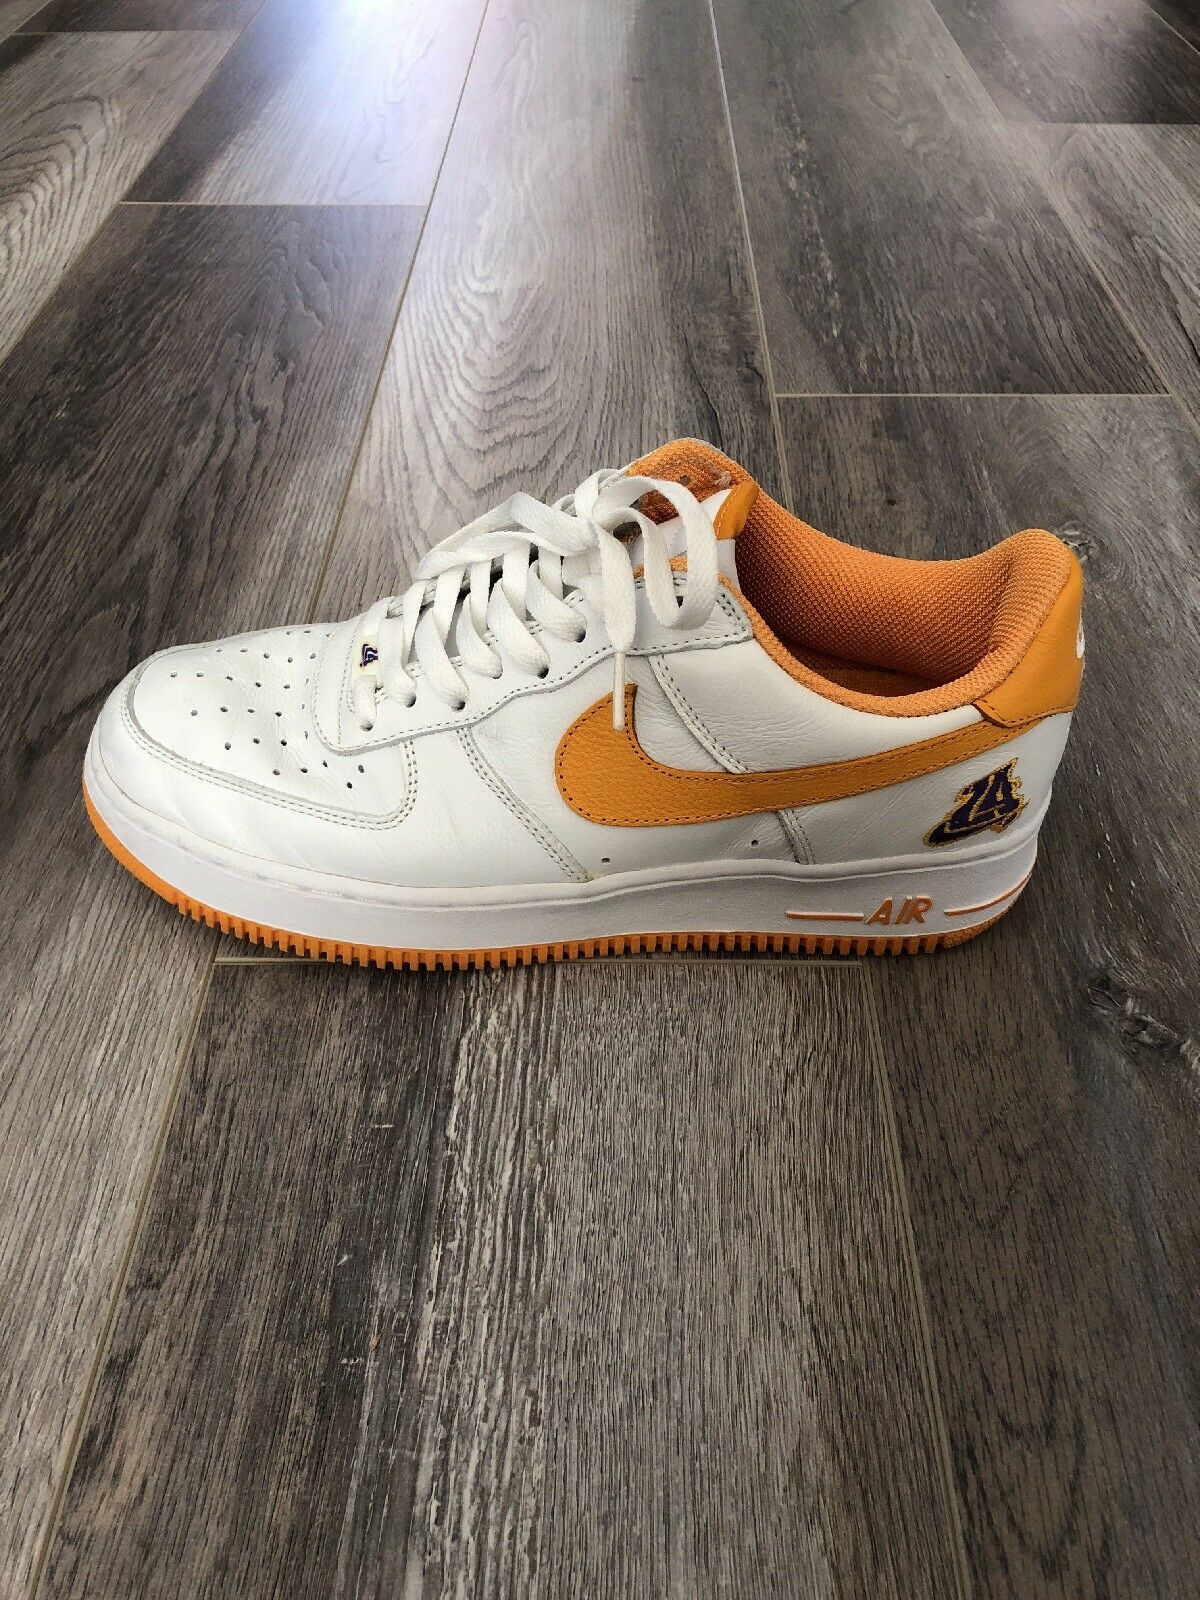 Vintage Nike LA Air Force Ones 10.5